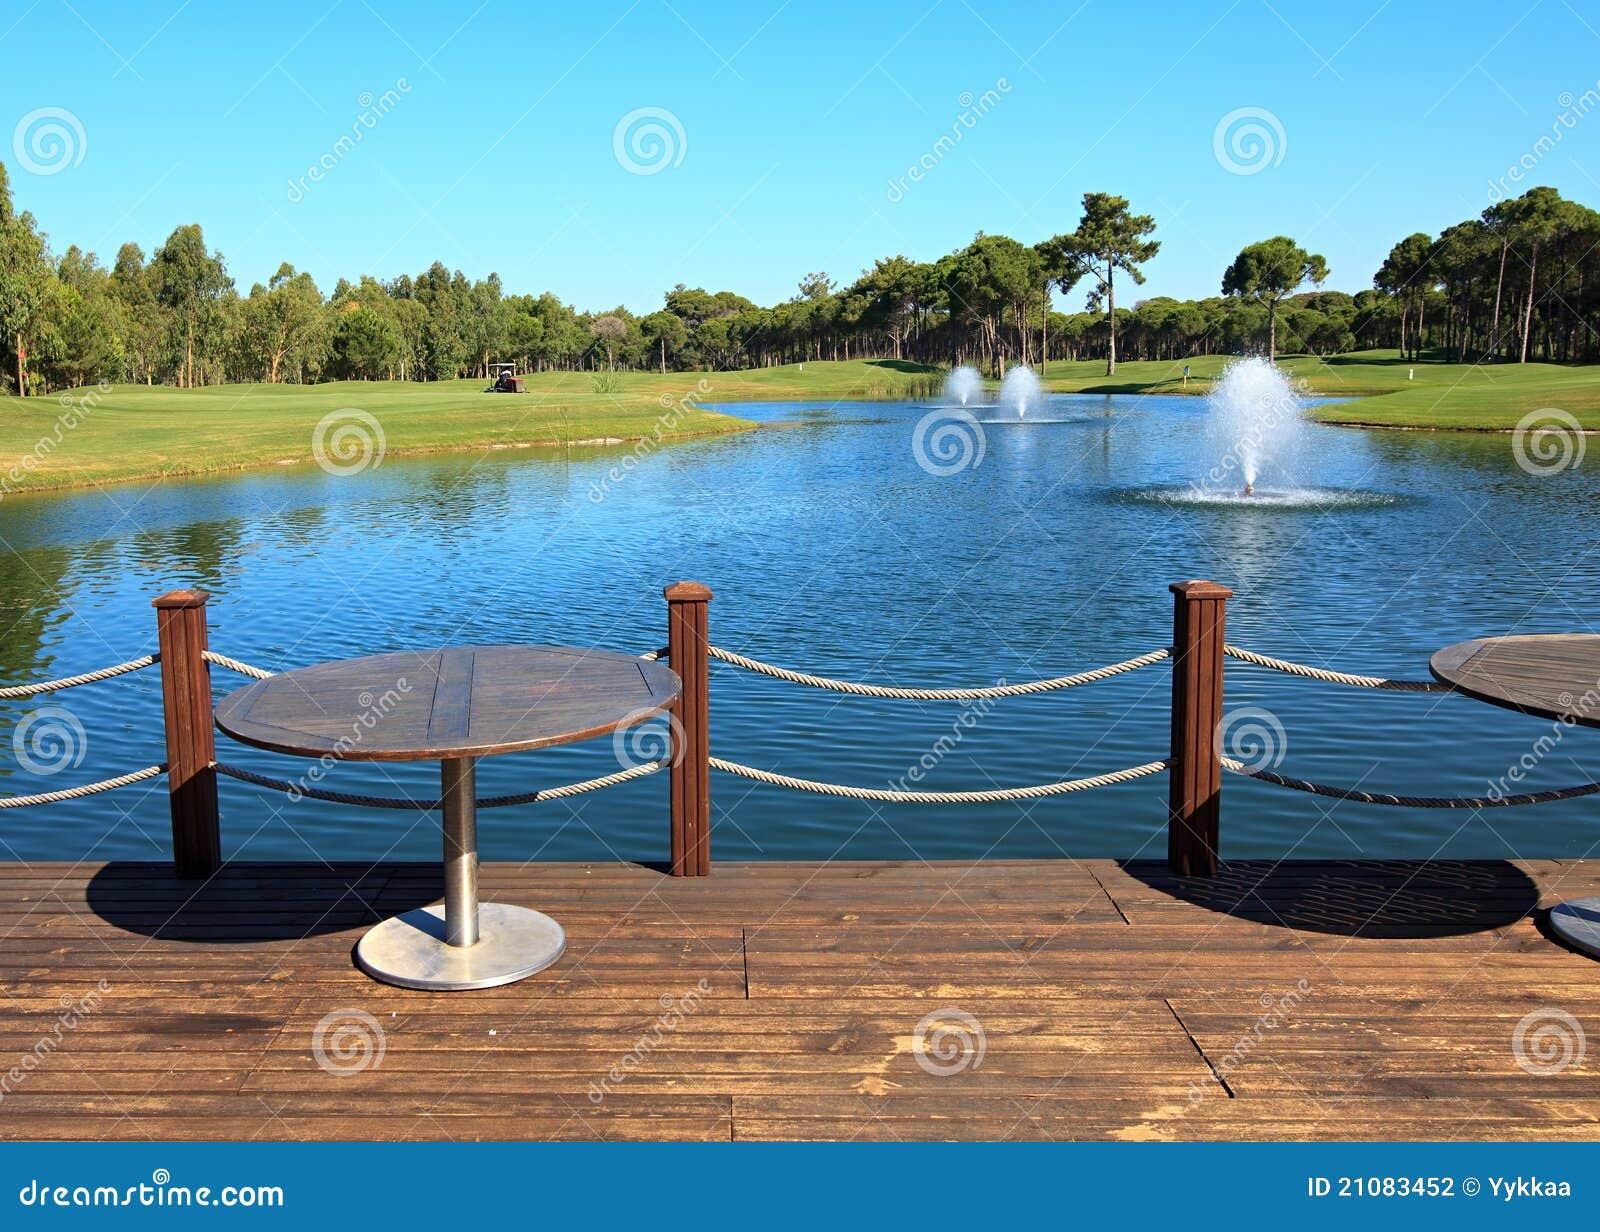 Cafe on the artificial pond stock image cartoondealer for Pond dealers